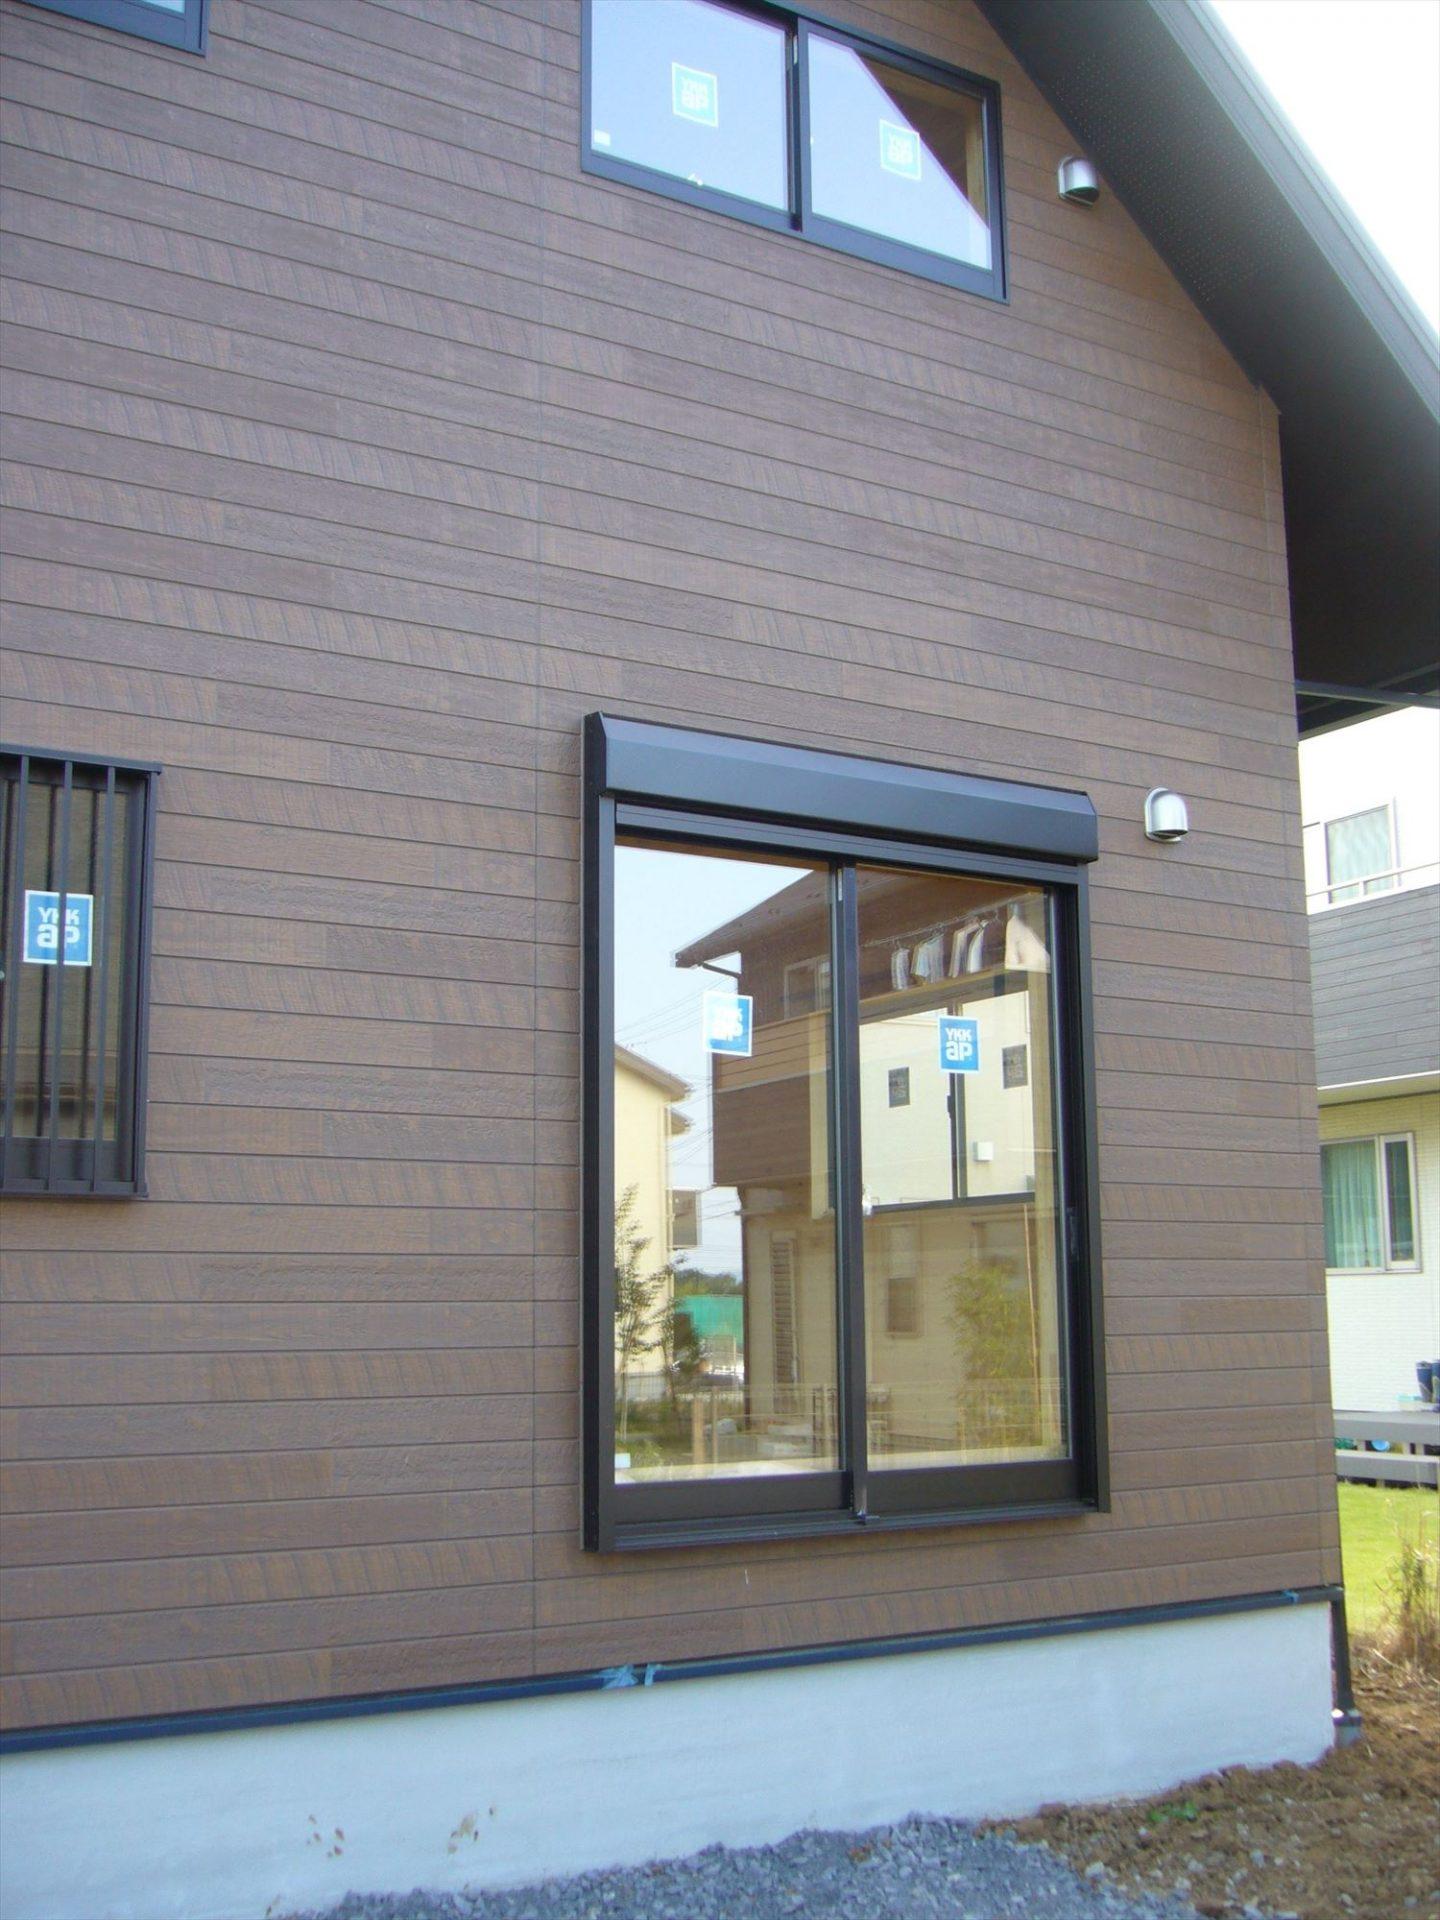 ログハウス風デザイン二階建ての外観2|つくば市の注文住宅,ログハウスのような木の家を低価格で建てるならエイ・ワン